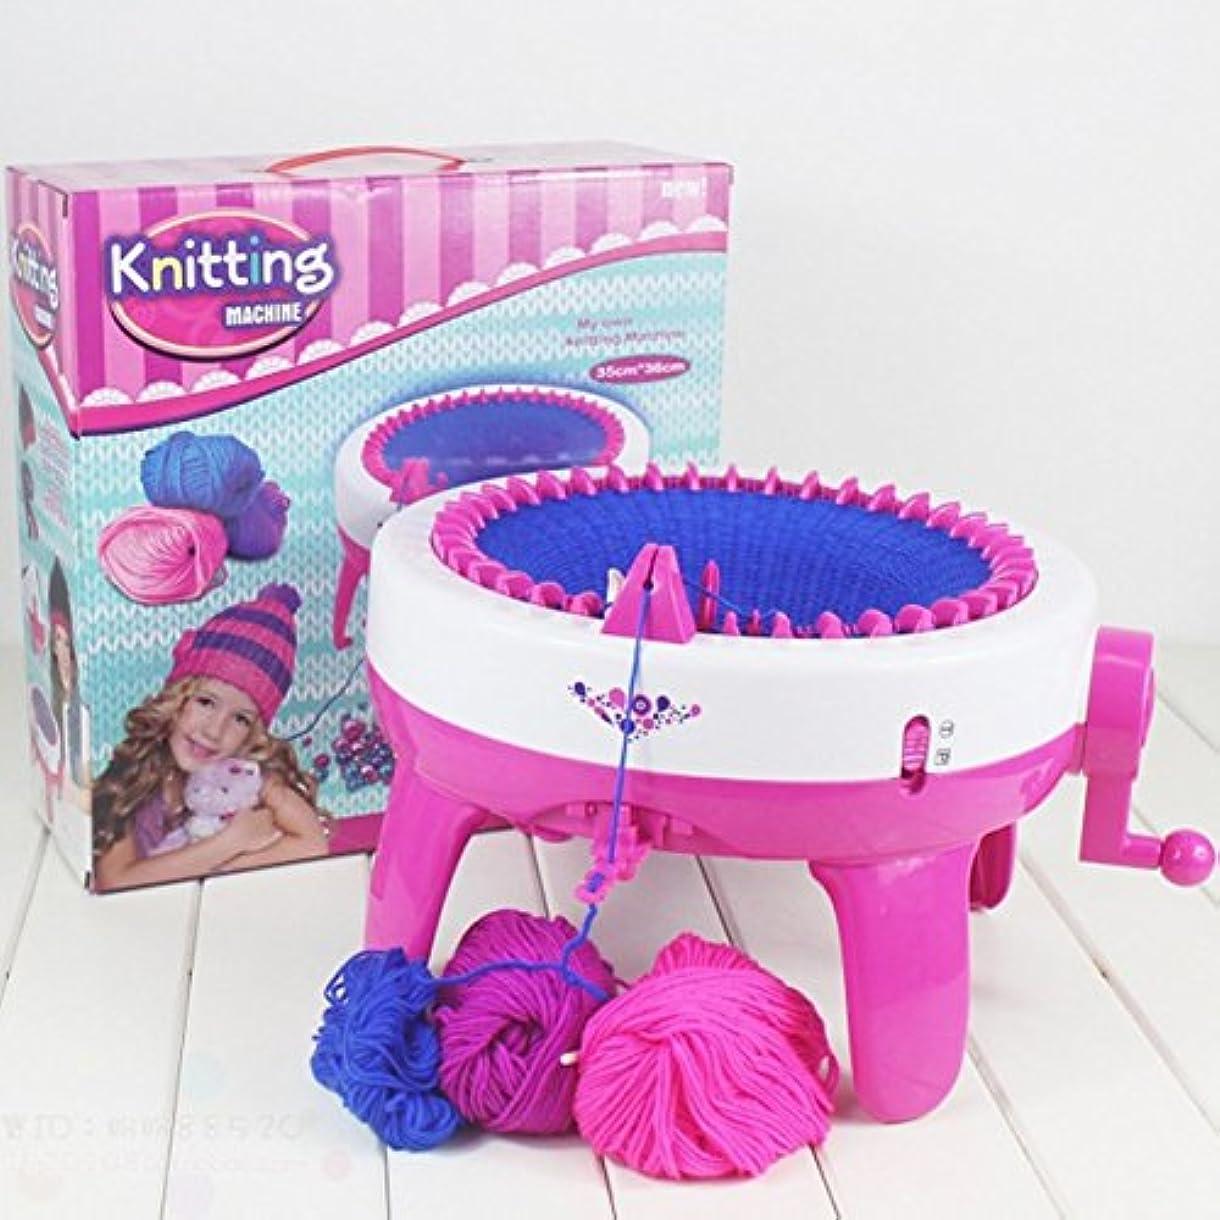 兵隊ラケット認証Saikogoods おかしいデザイン子供女の子編機DIYマニュアル帽子スカーフ編み機ニットセーターのおもちゃ子供のための ピンク&ホワイト